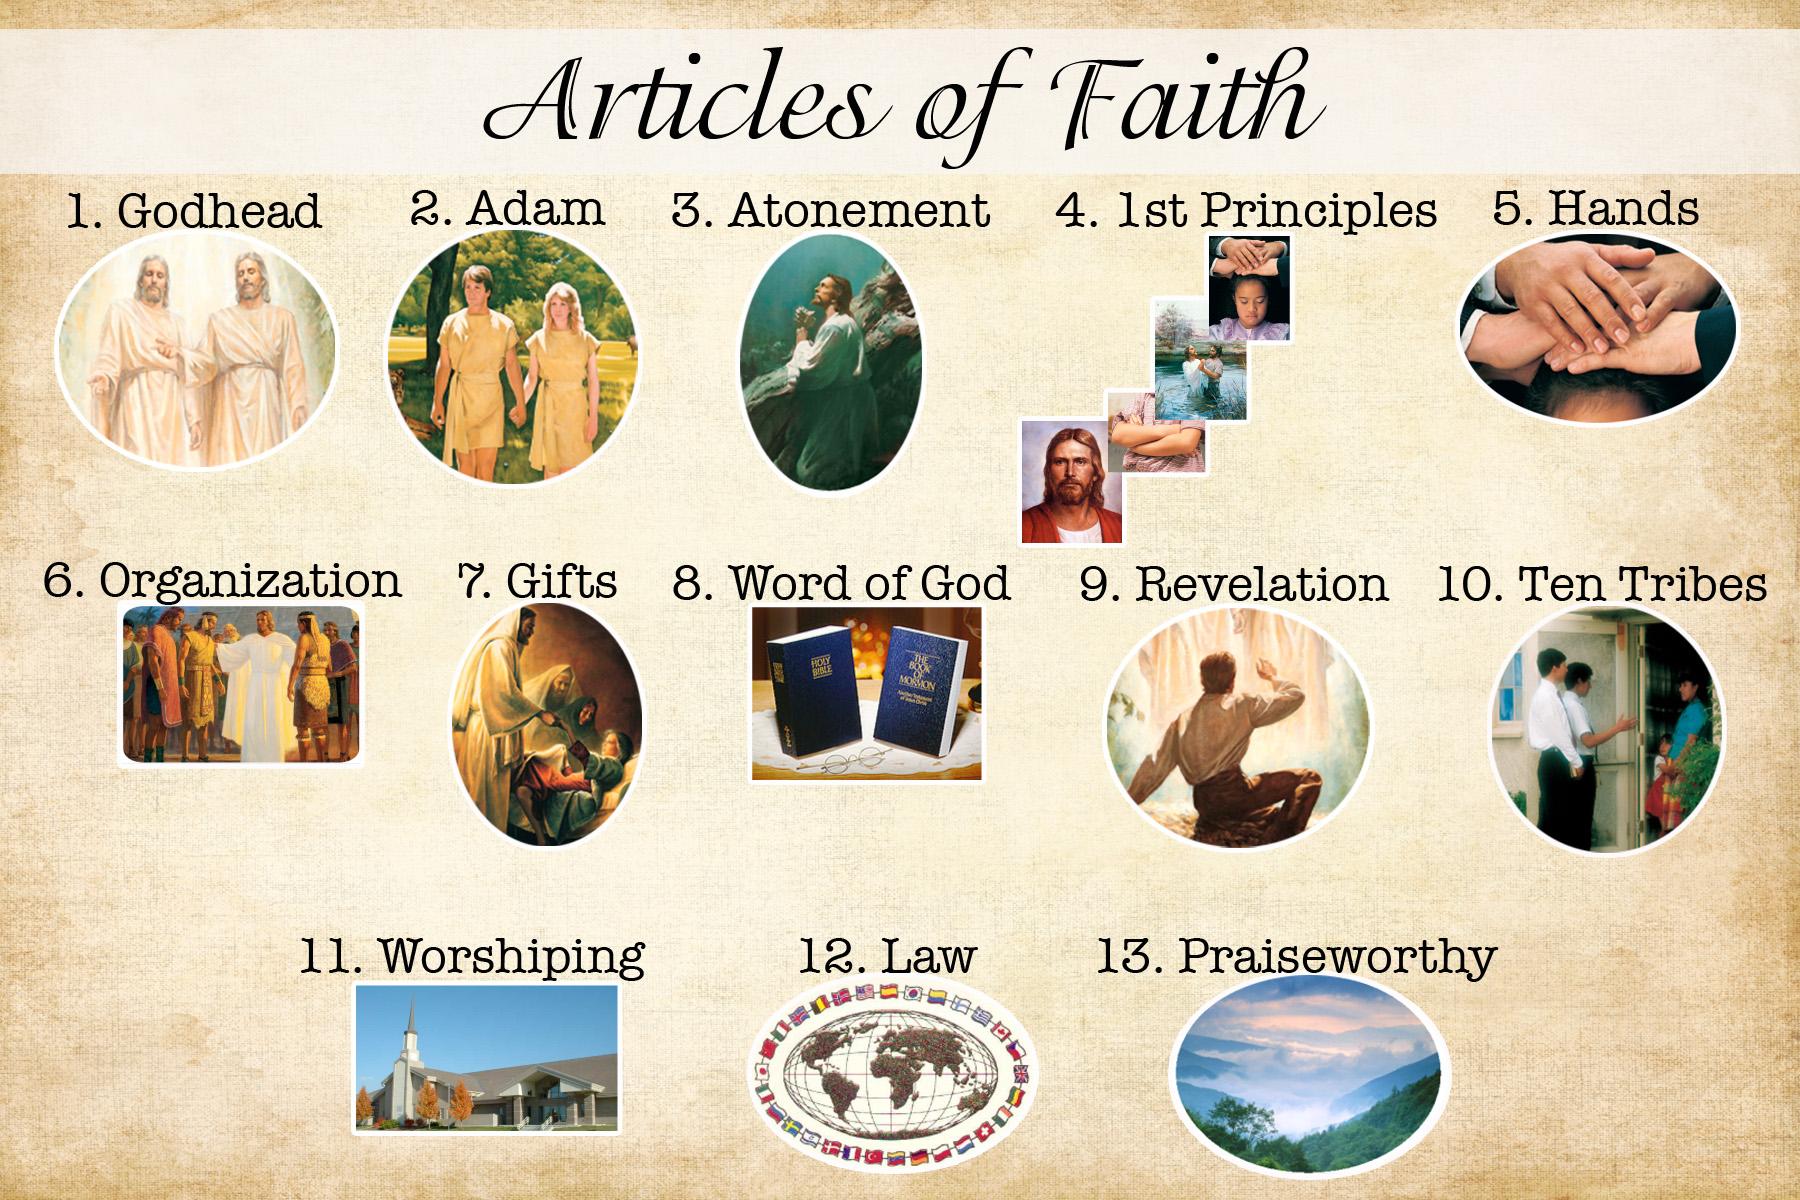 ARTICLES OF FAITH ACTIVITY - c586449.r49.cf2.rackcdn.com